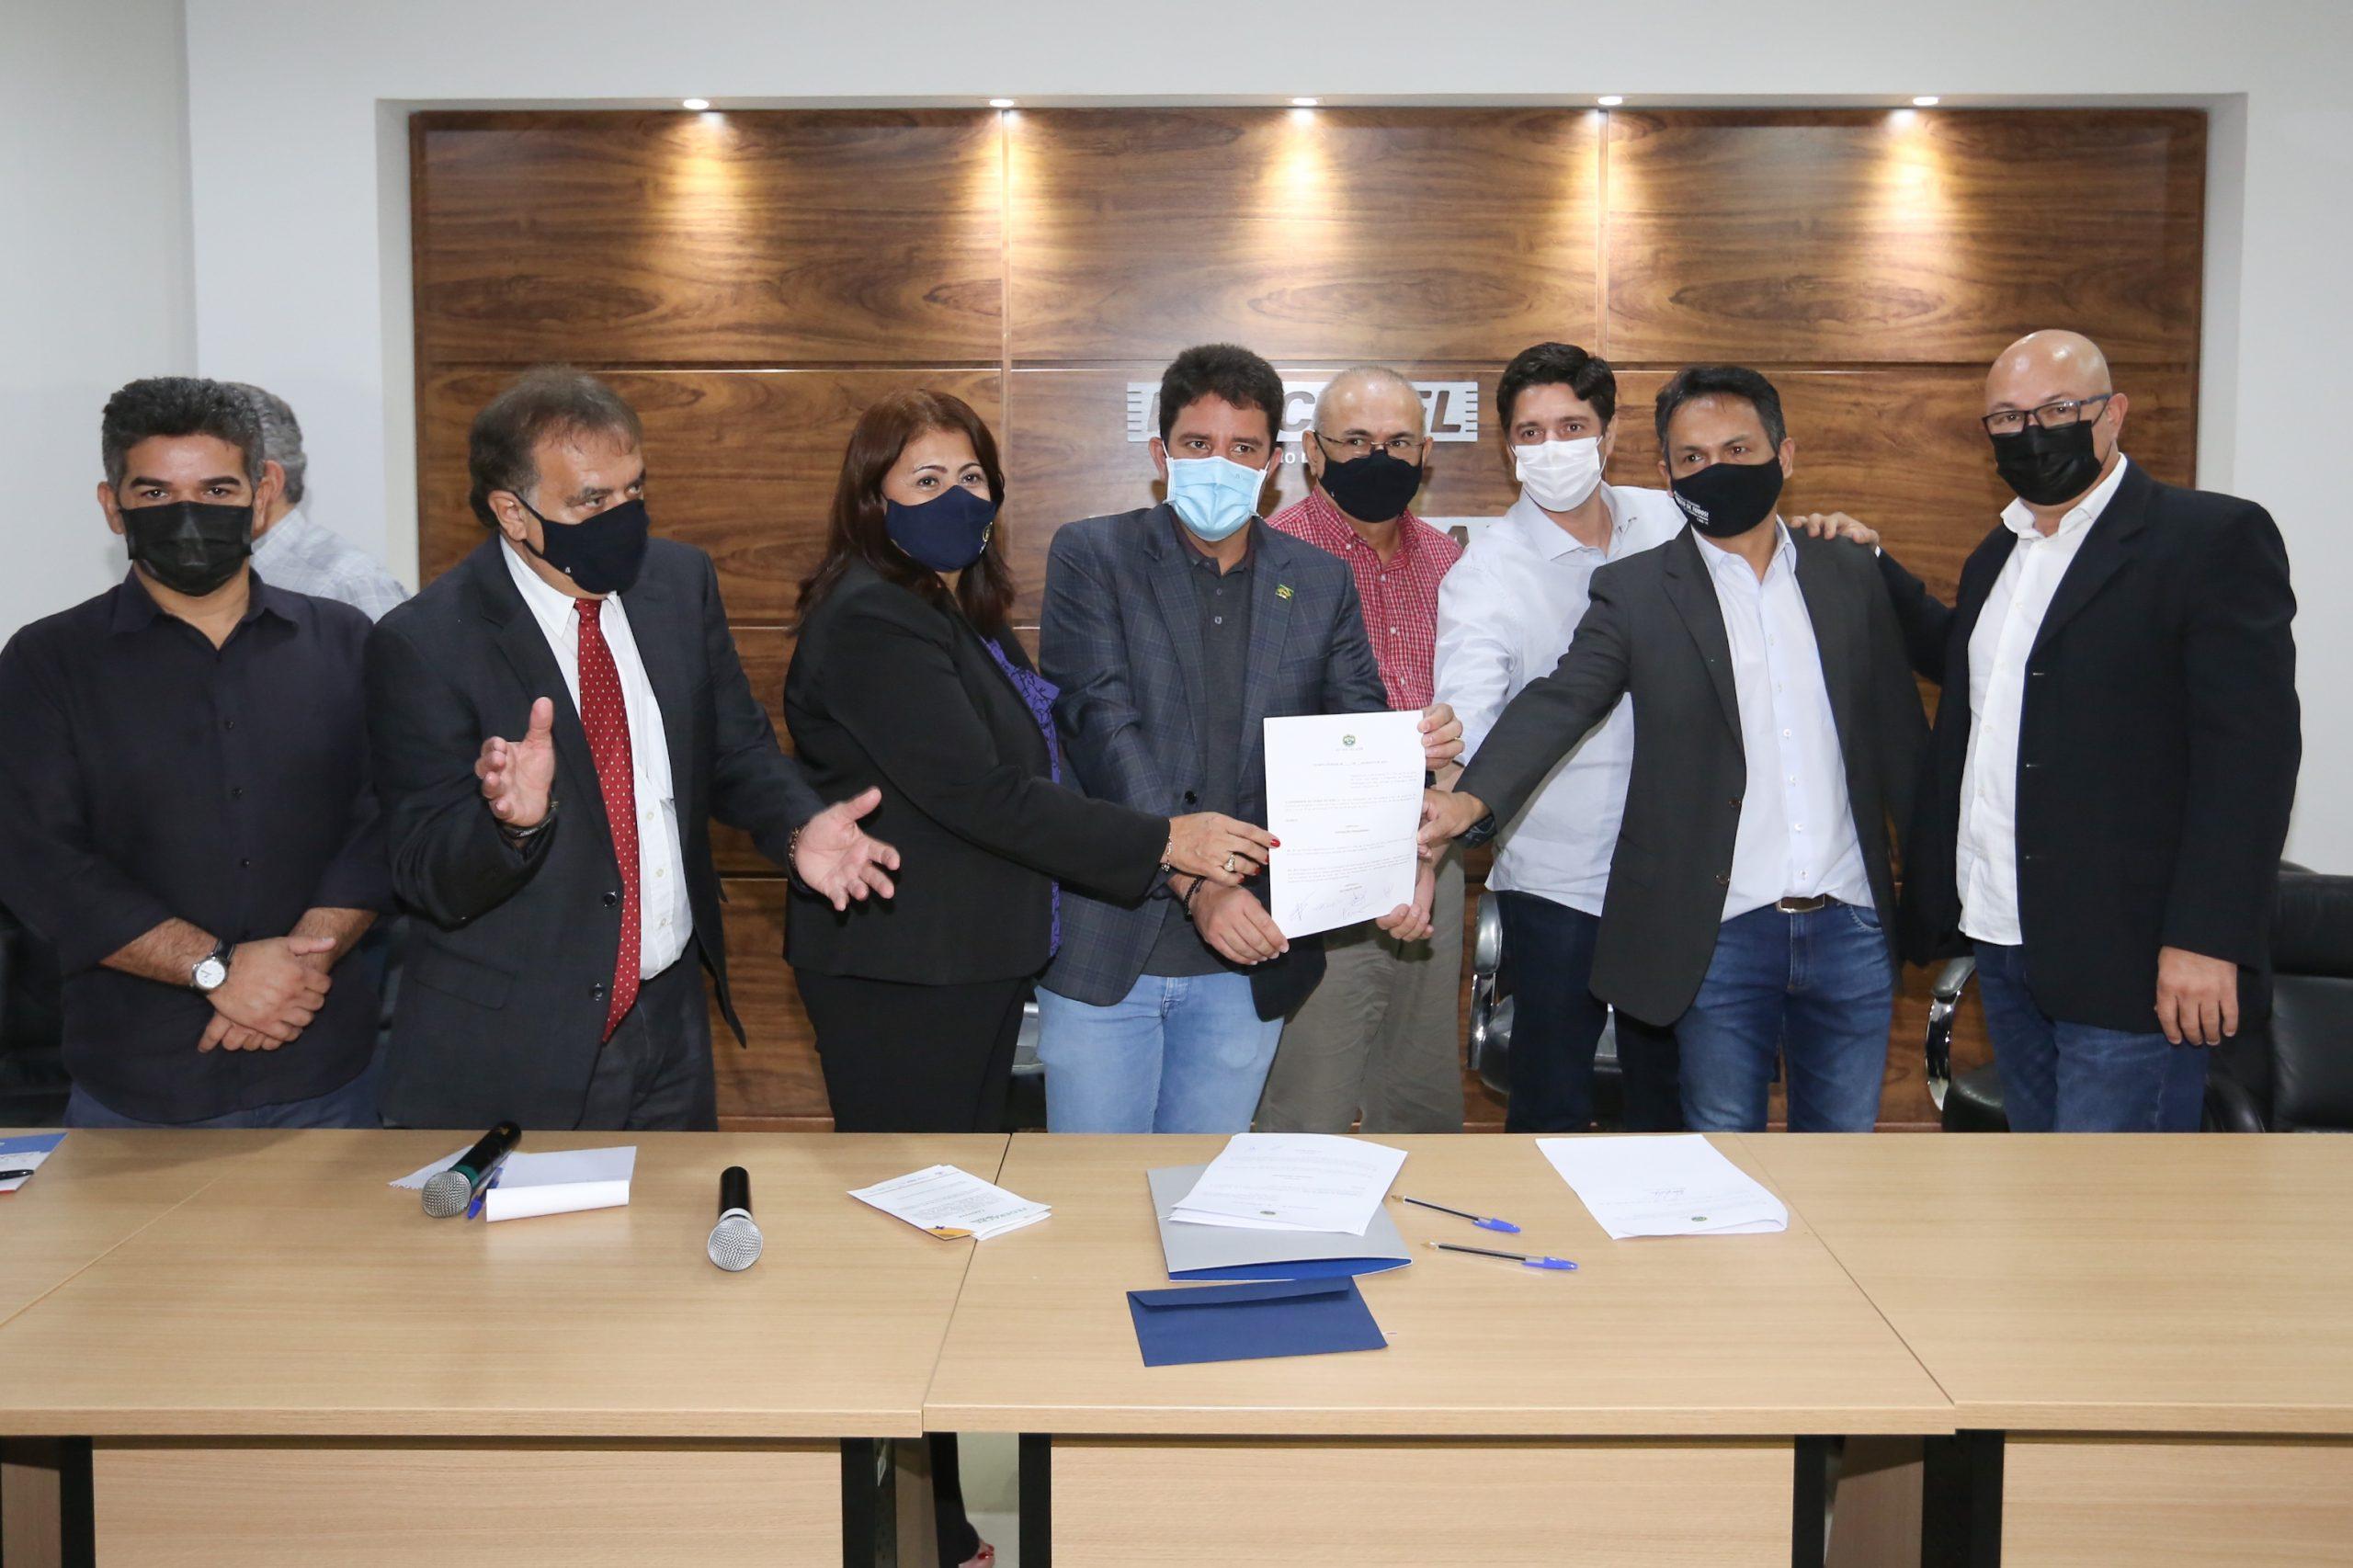 Gladson Cameli sanciona lei para facilitar a inclusão de micro e pequenas empresas nas licitações da construção civil